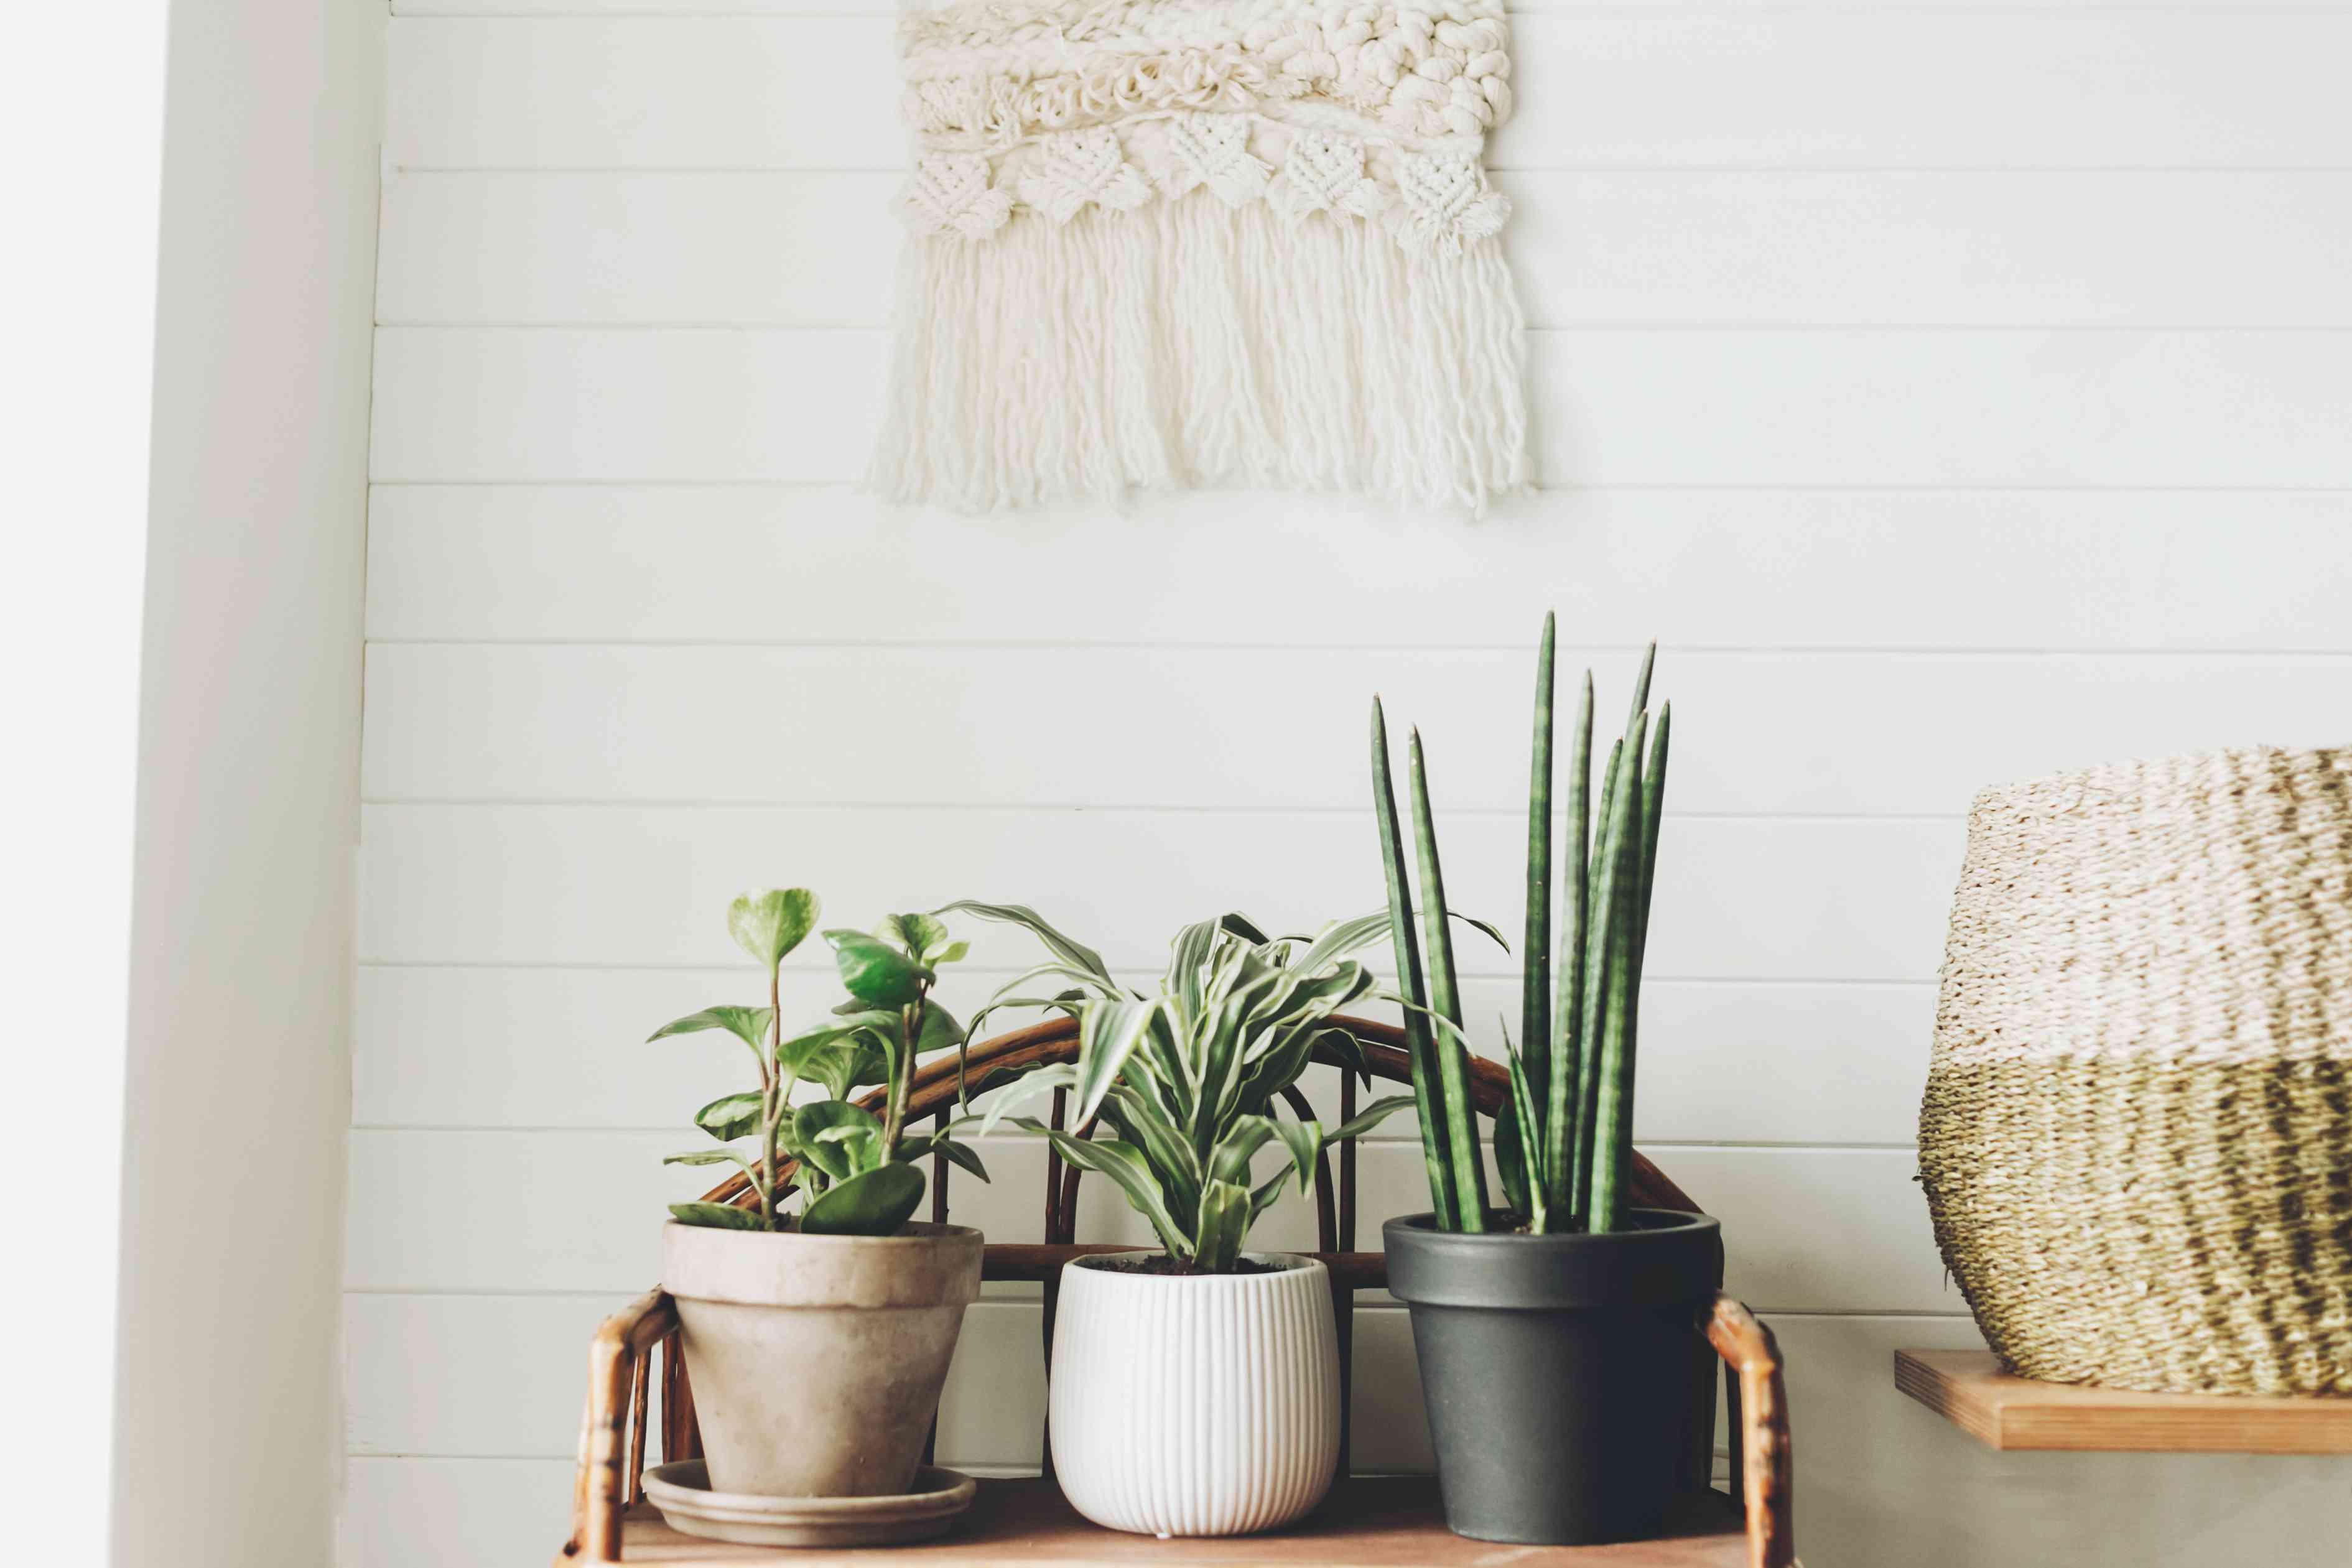 Plantas verdes con estilo en macetas sobre soporte vintage de madera sobre fondo de pared rústica blanca con colgantes bordados. Peperomia, sansevieria, plantas dracaena, decoración moderna de la habitación